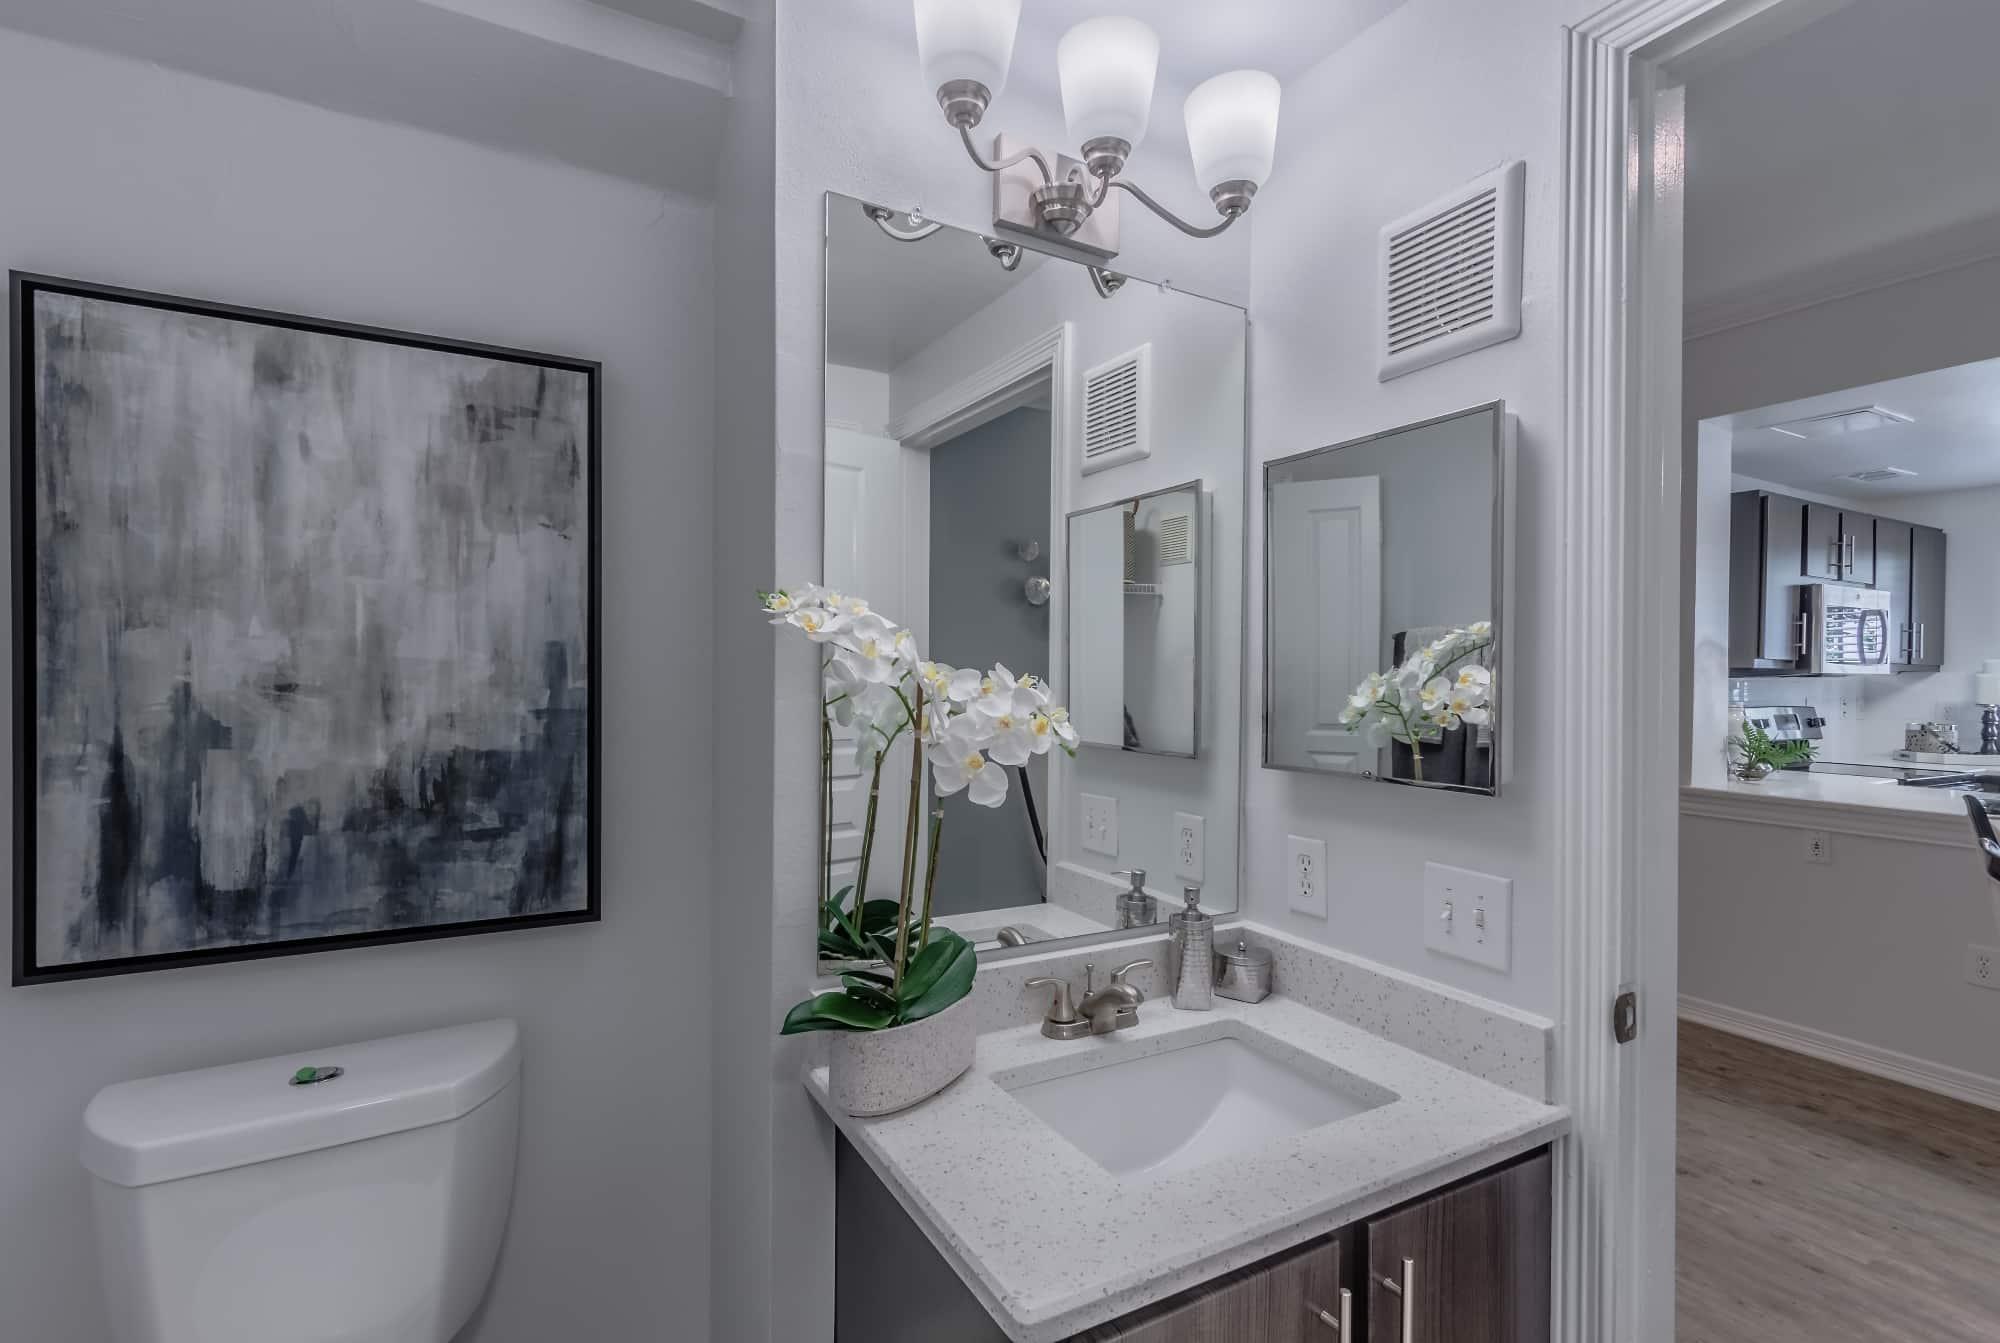 Designer Brushed Nickel Lighting and Bathroom Fixtures